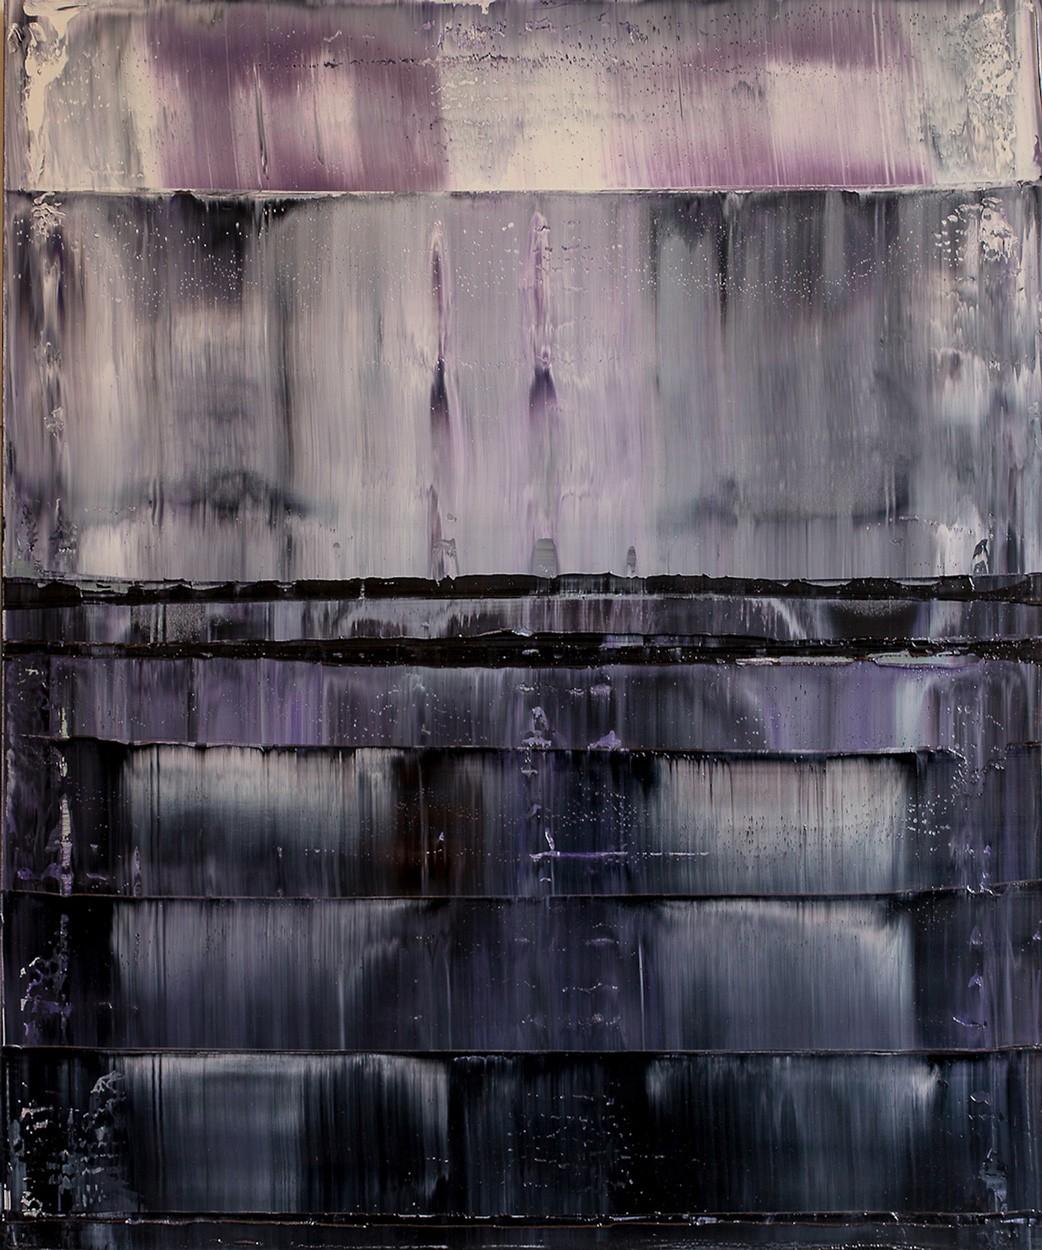 Prisma 12 - Gesteinströmung | Malerei von Lali Torma | Öl auf Leinwand, abstrakt